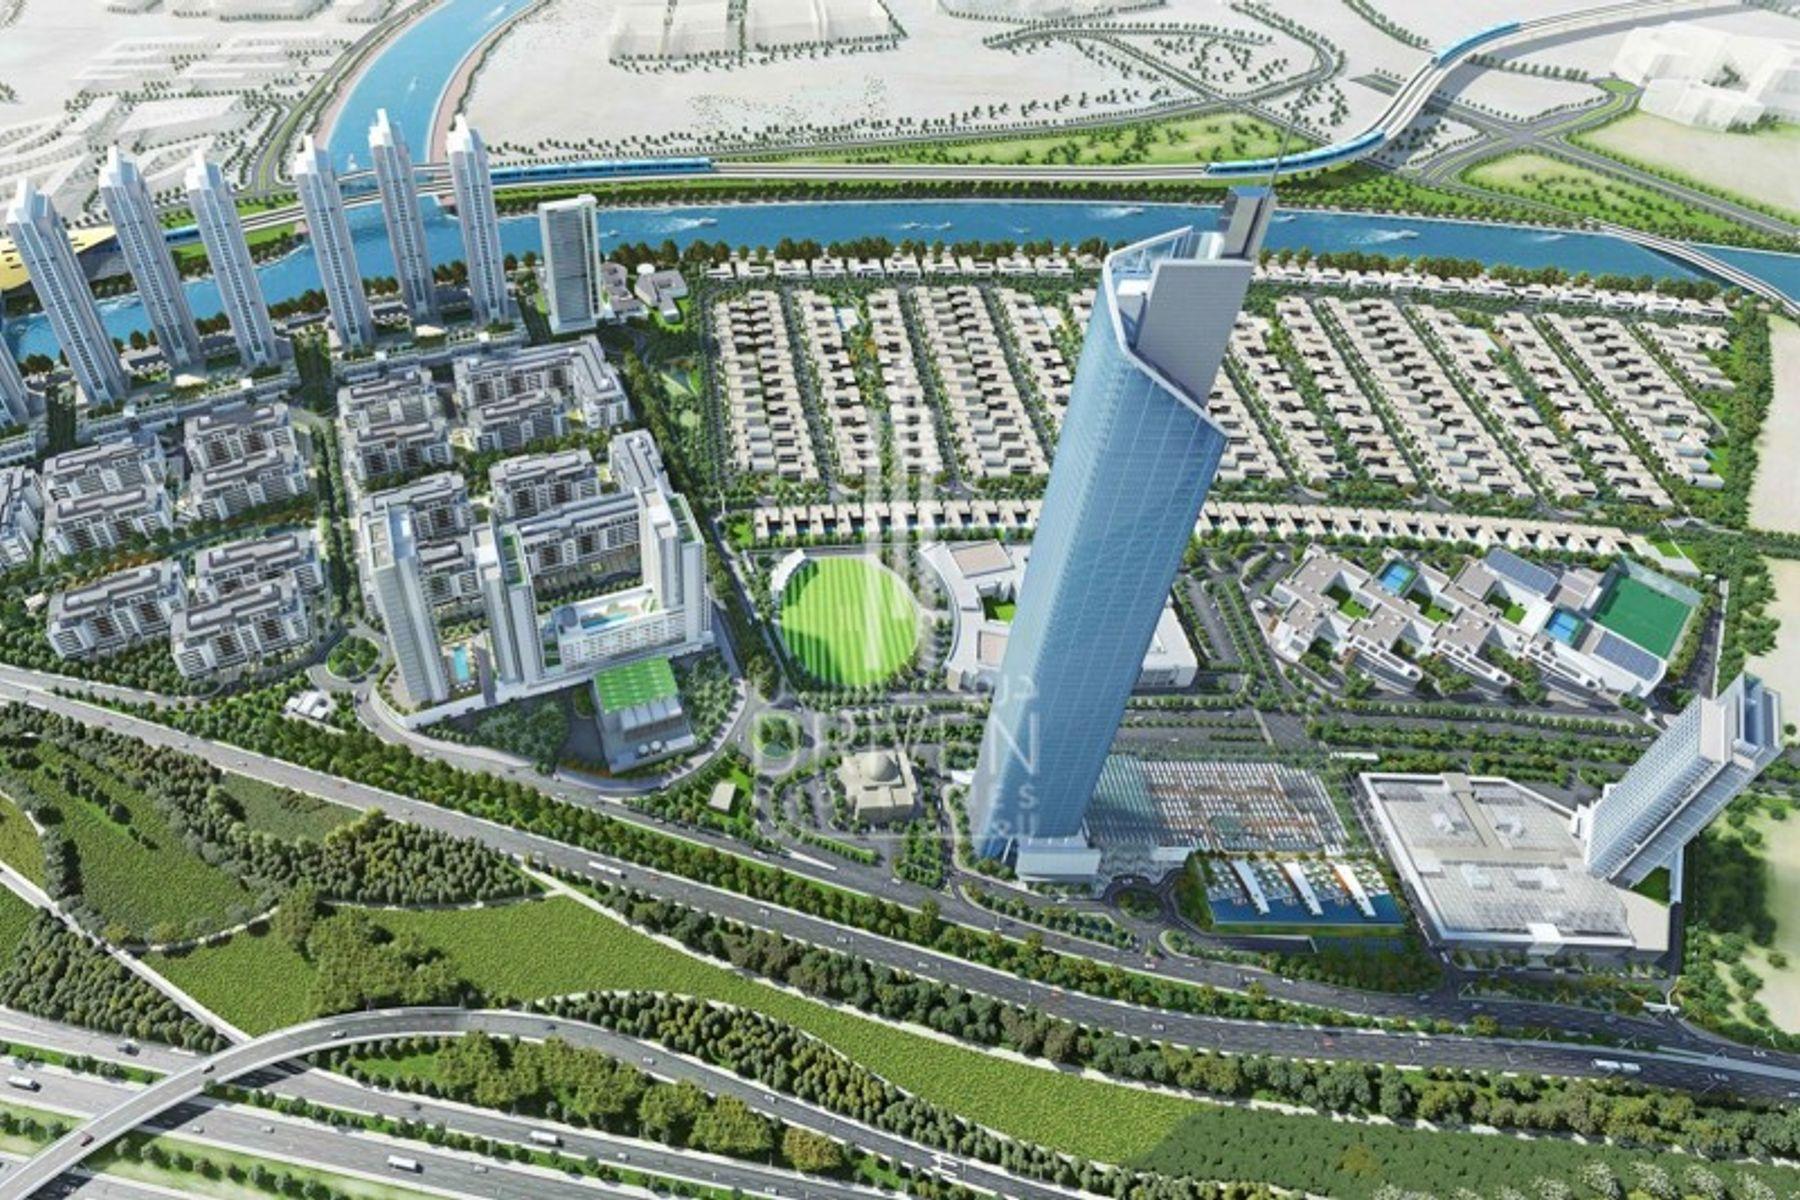 507,832 قدم مربع  أرض سكنية - للبيع - مدينة الشيخ محمد بن راشد